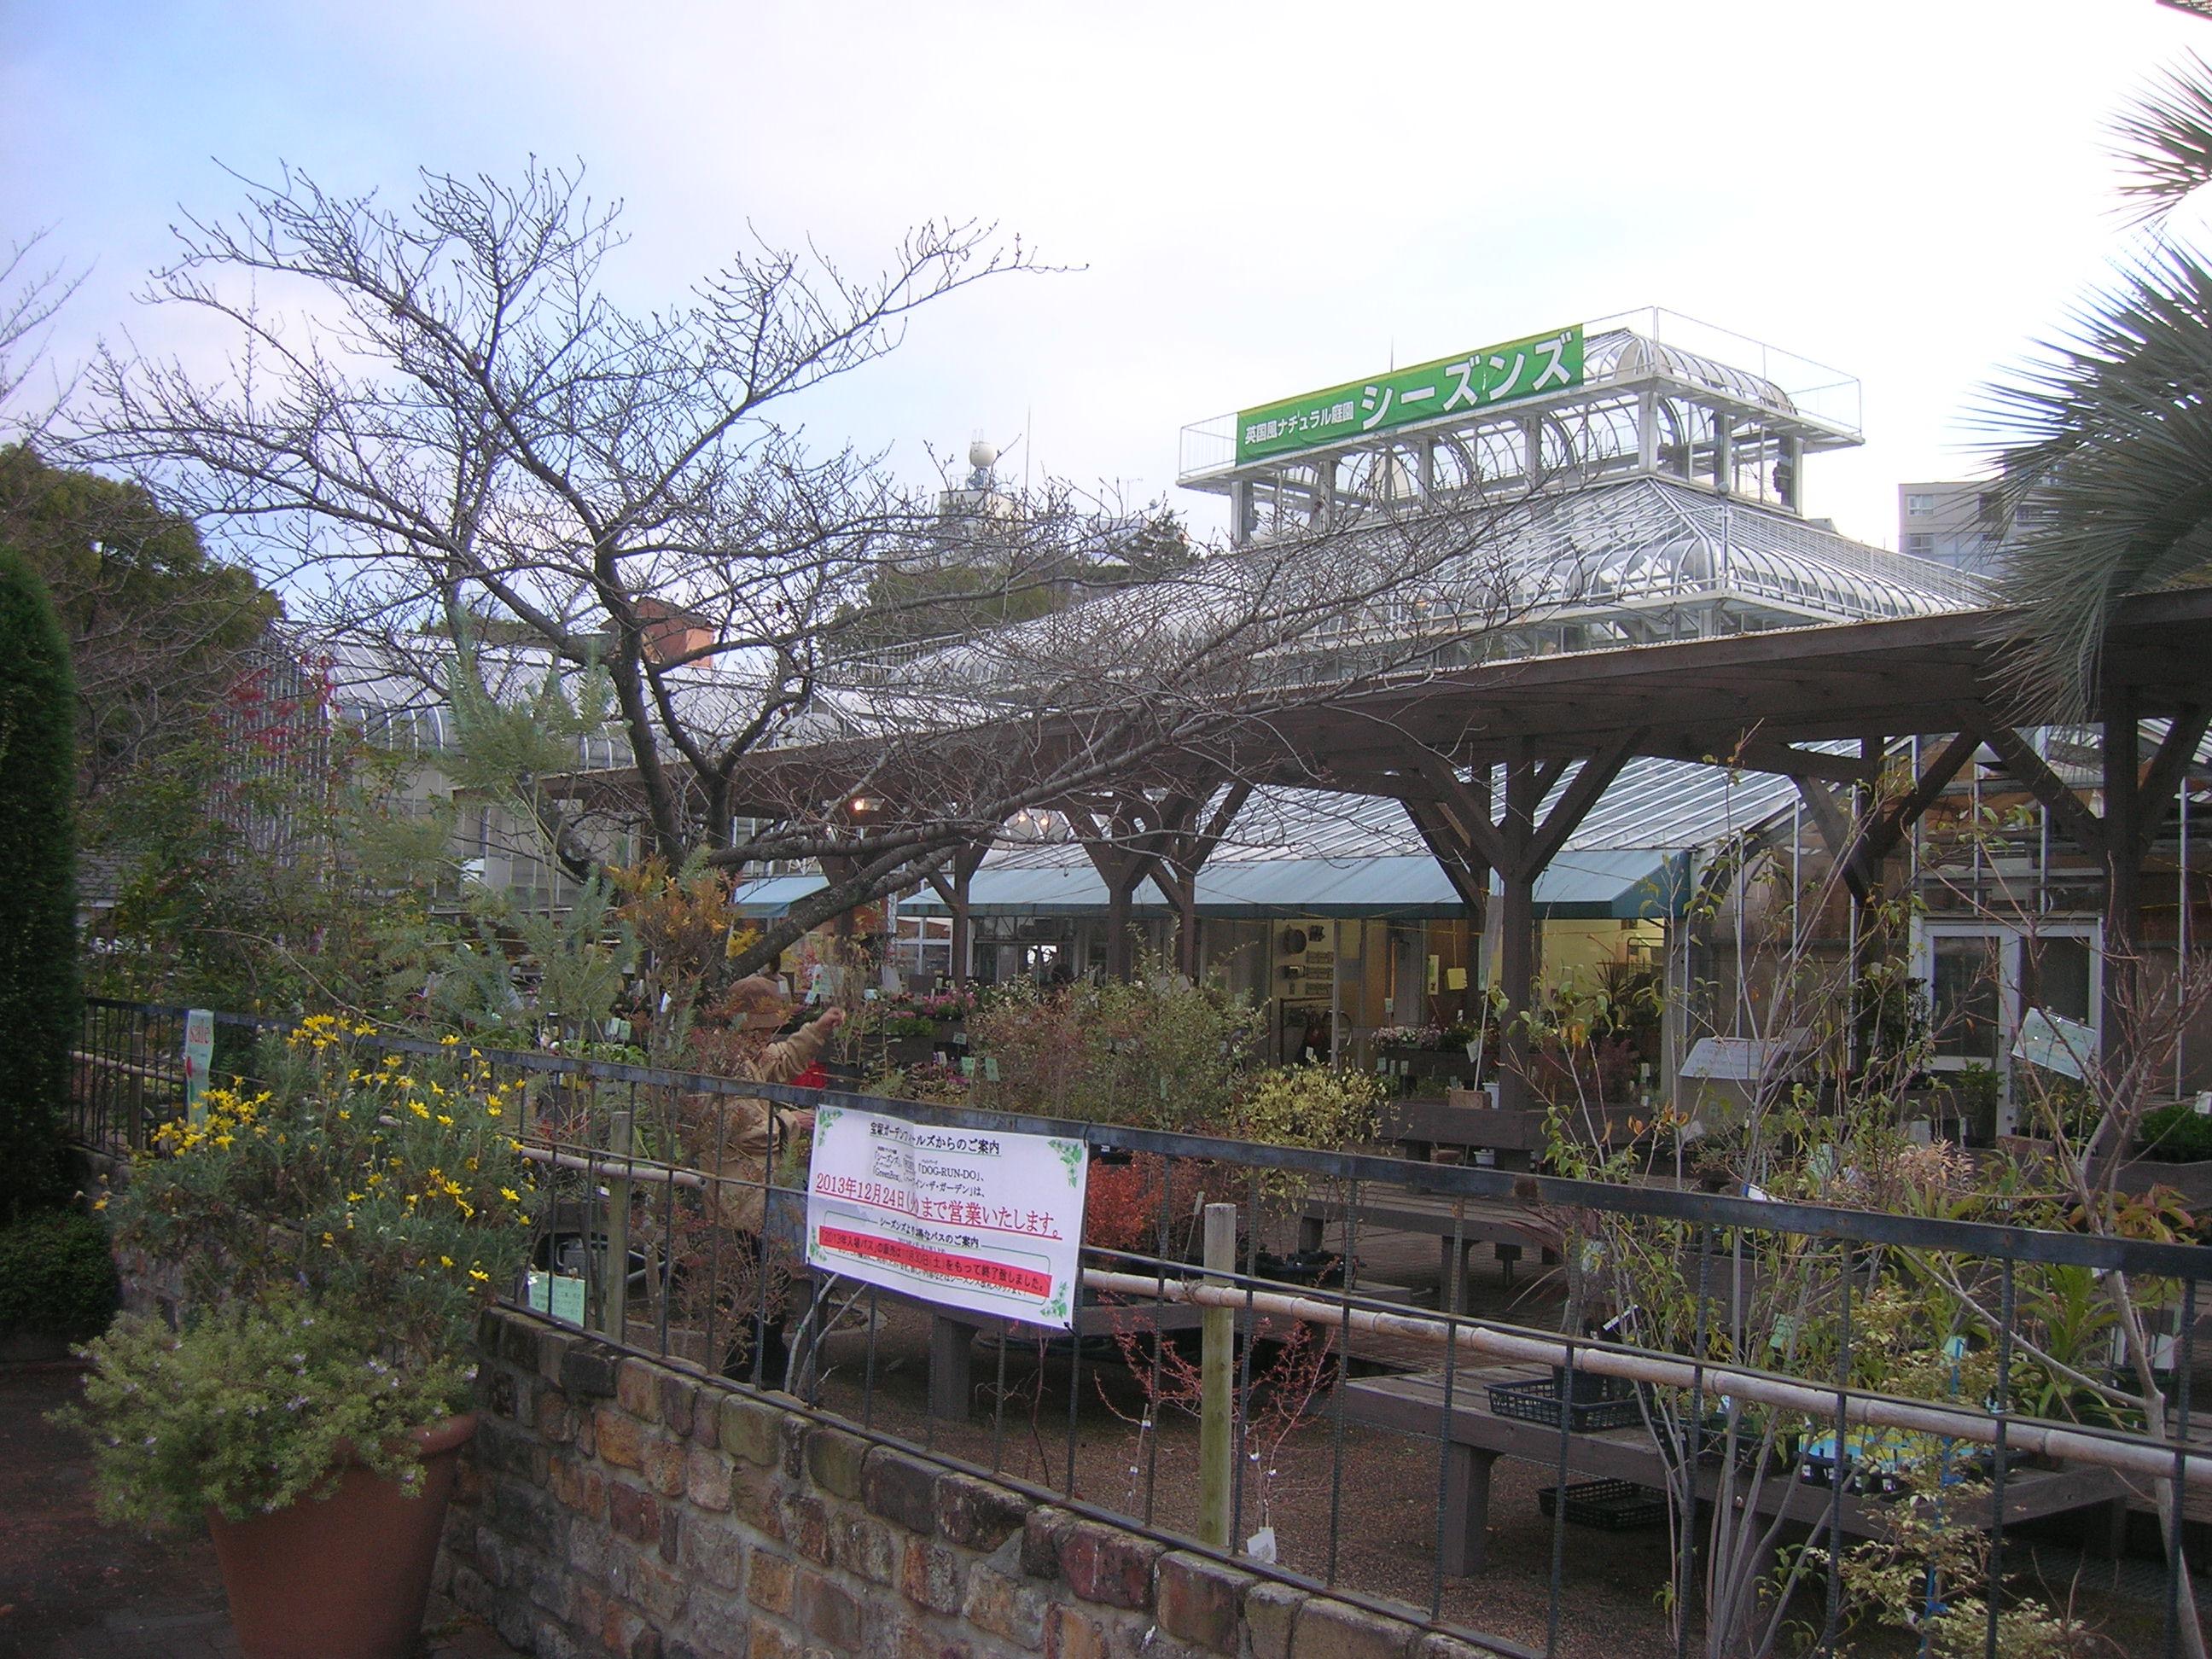 宝塚ガーデンフィールズ内英国風庭園『シーズンズ』の温室